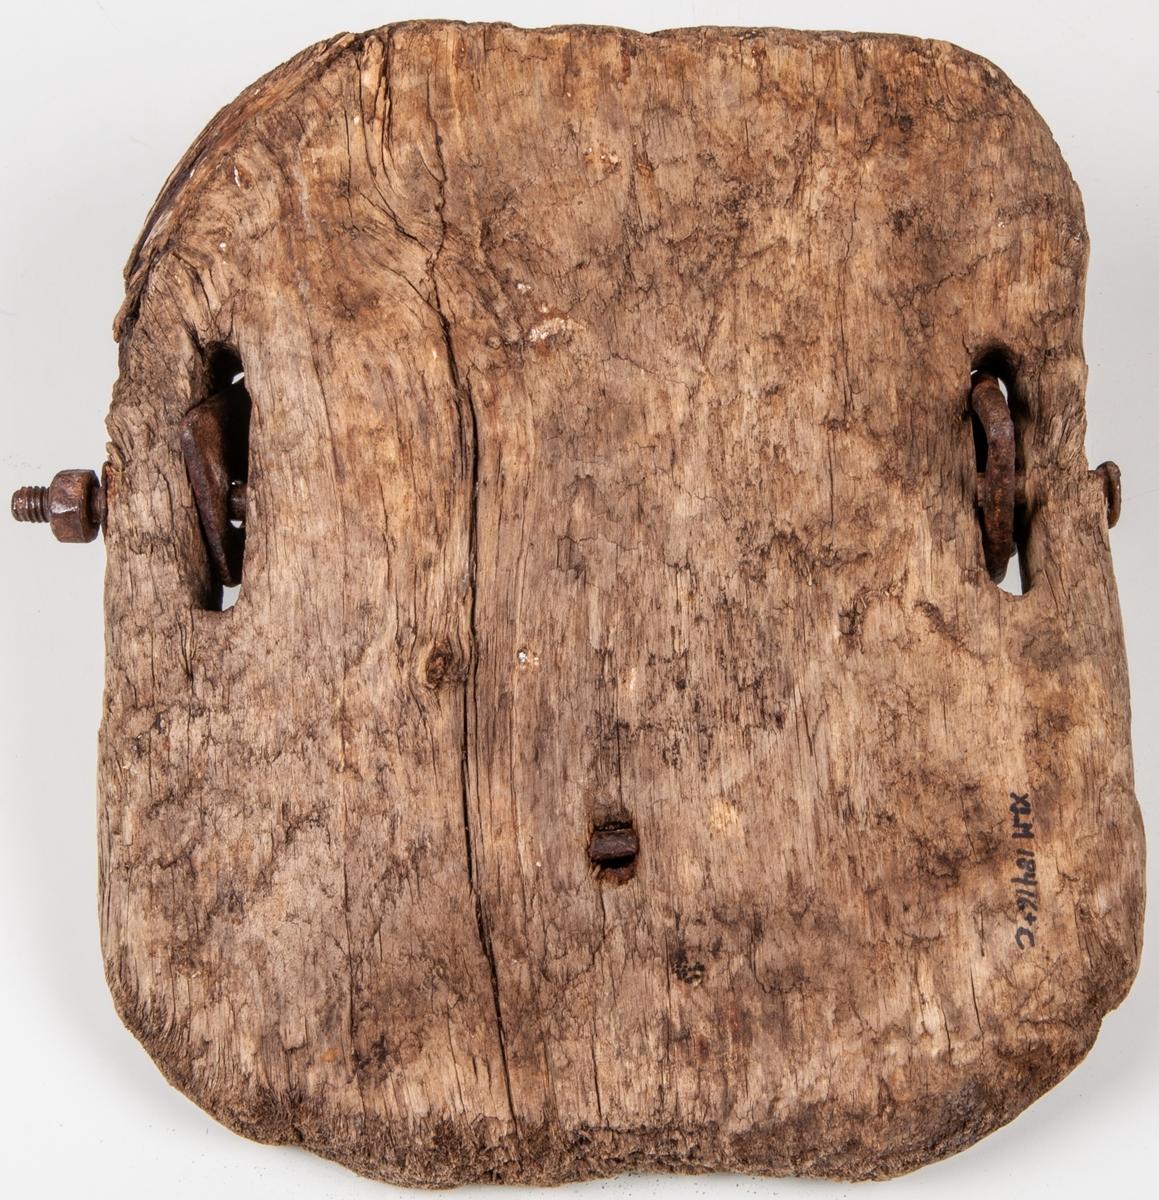 Snösko för häst, Träplatta, rektangulär med avrundade hörn och fastspänningsanordning avjärn, delvis klädda med läder.